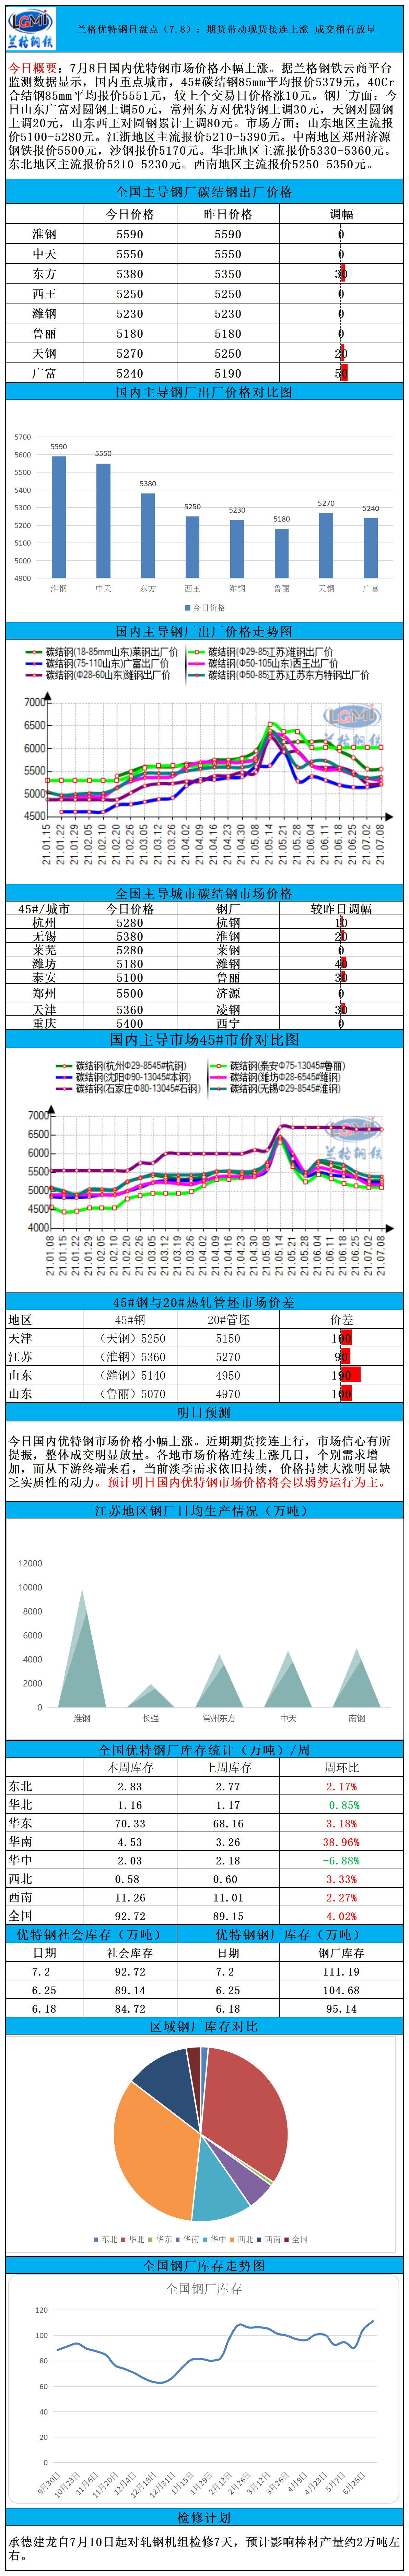 兰格优特钢日盘点(7.8):期货带动下火接连上涨 成交稍有放量